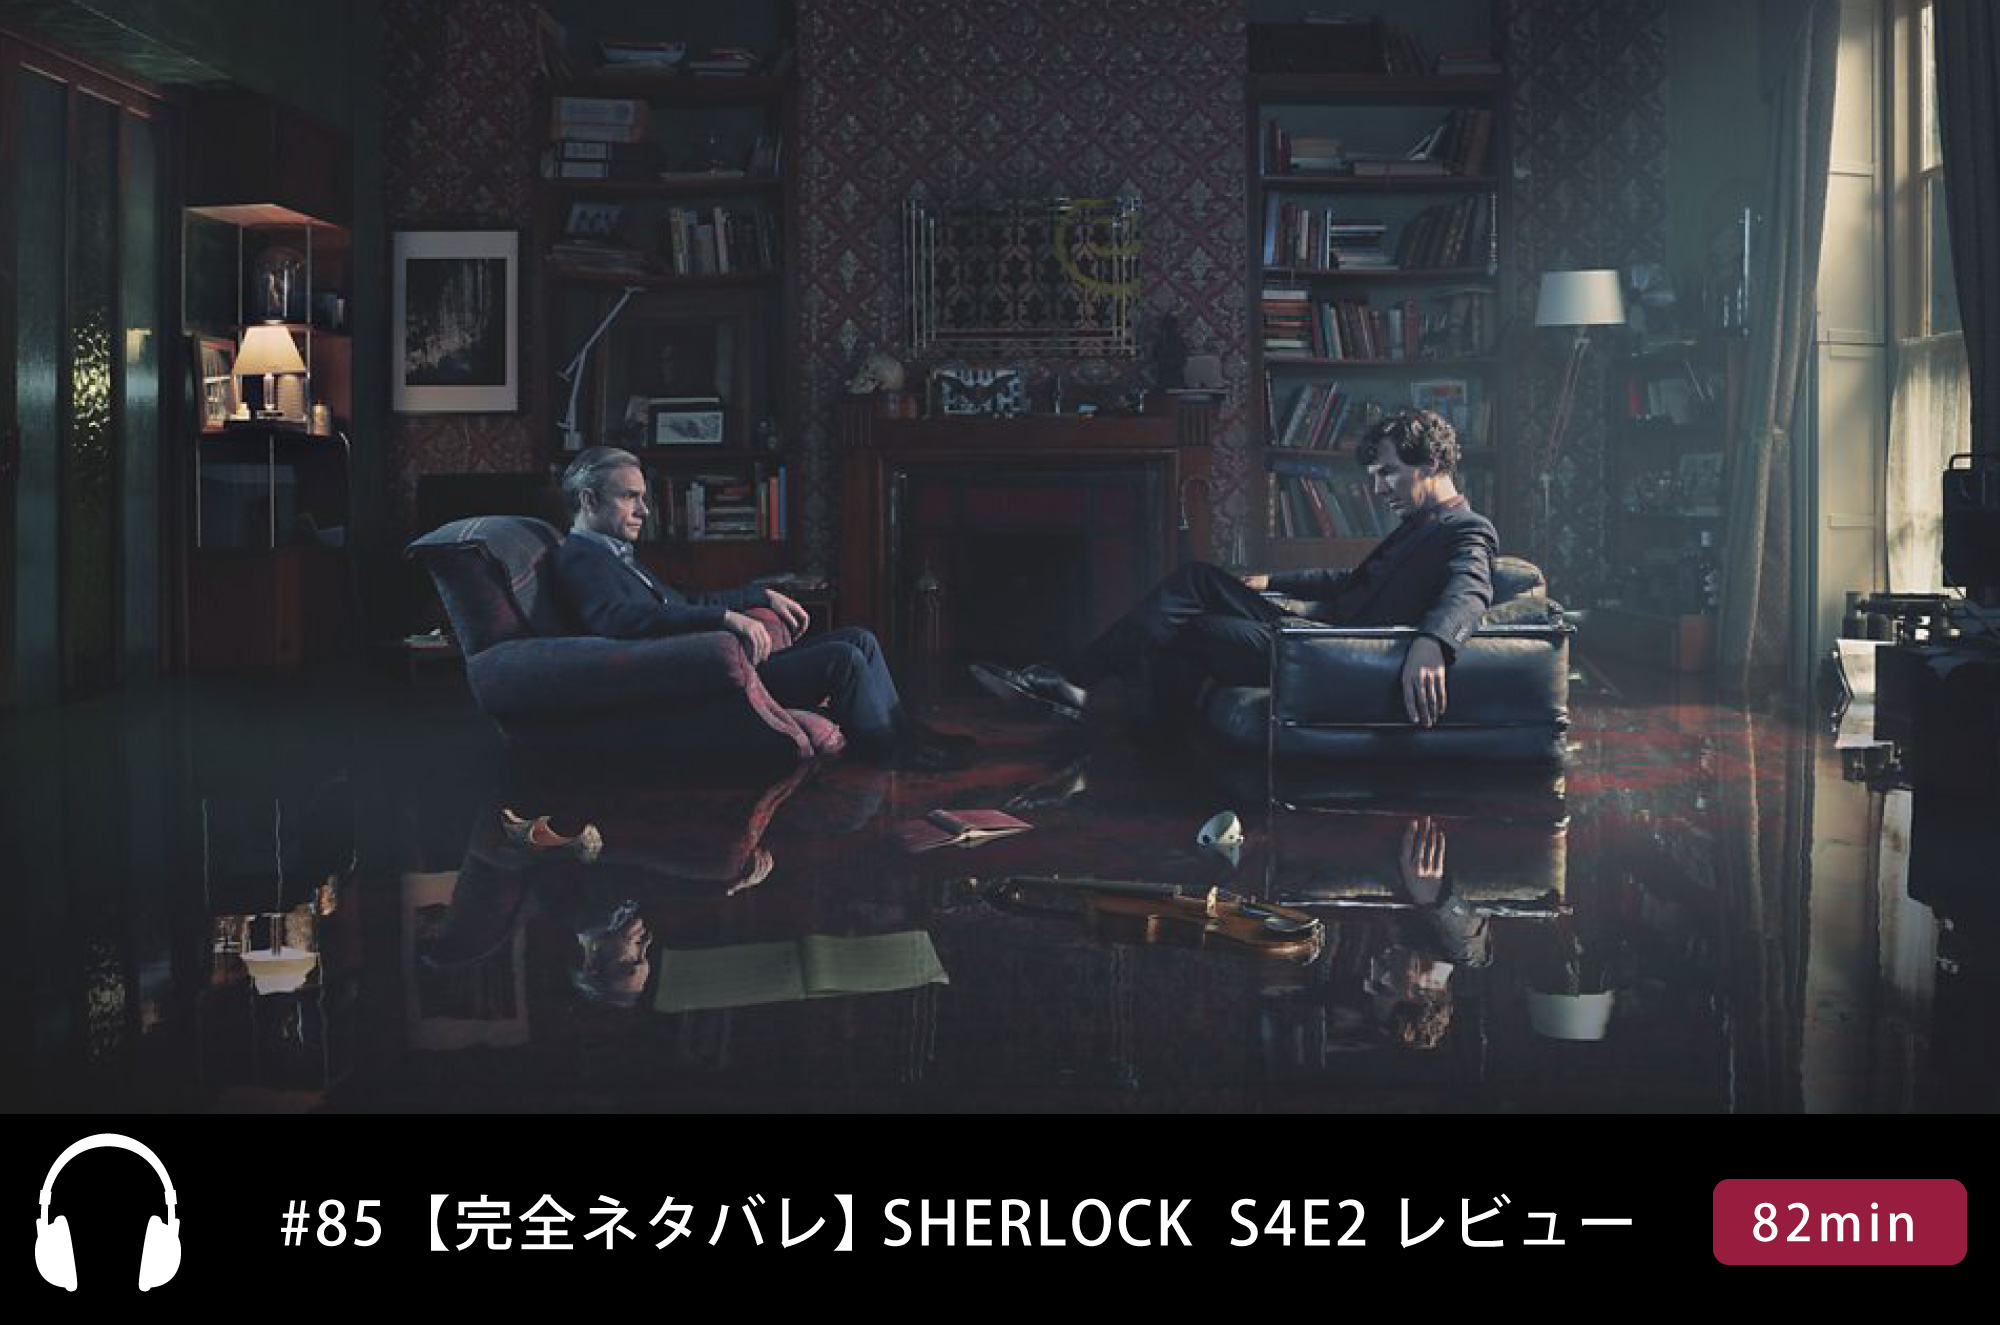 第85回:【完全ネタバレ】英語難民の私たちがリアルタイムで目撃!ドラマ『SHERLOCK』まったりレビュー【S4E2】